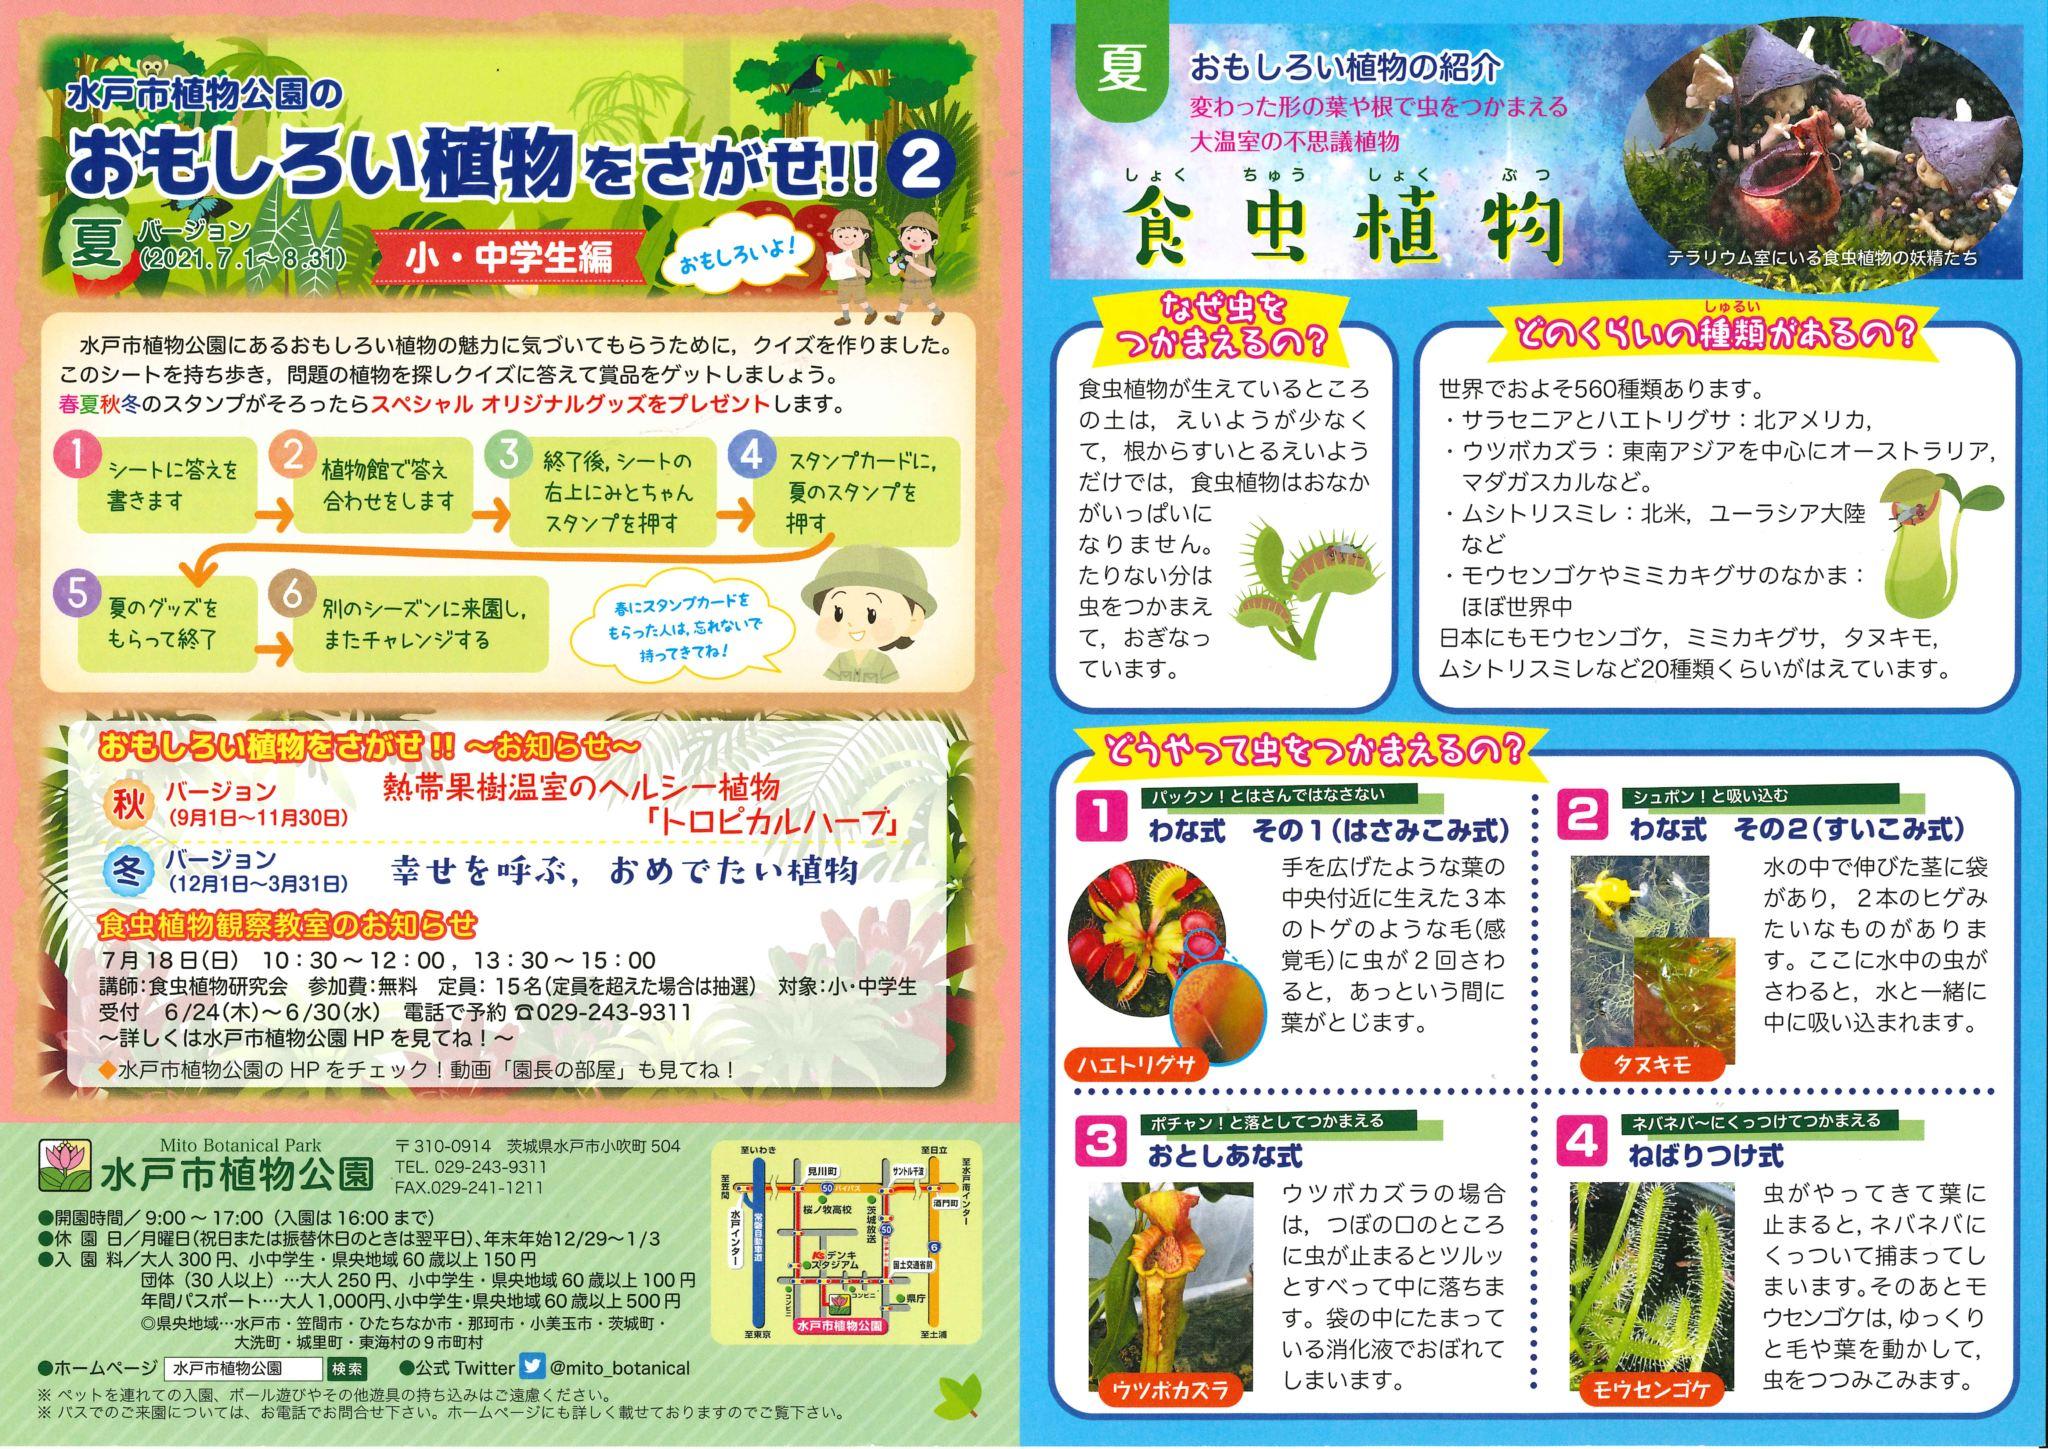 2021年7月1日 『おもしろい植物をさがせ!!』 水戸市植物公園